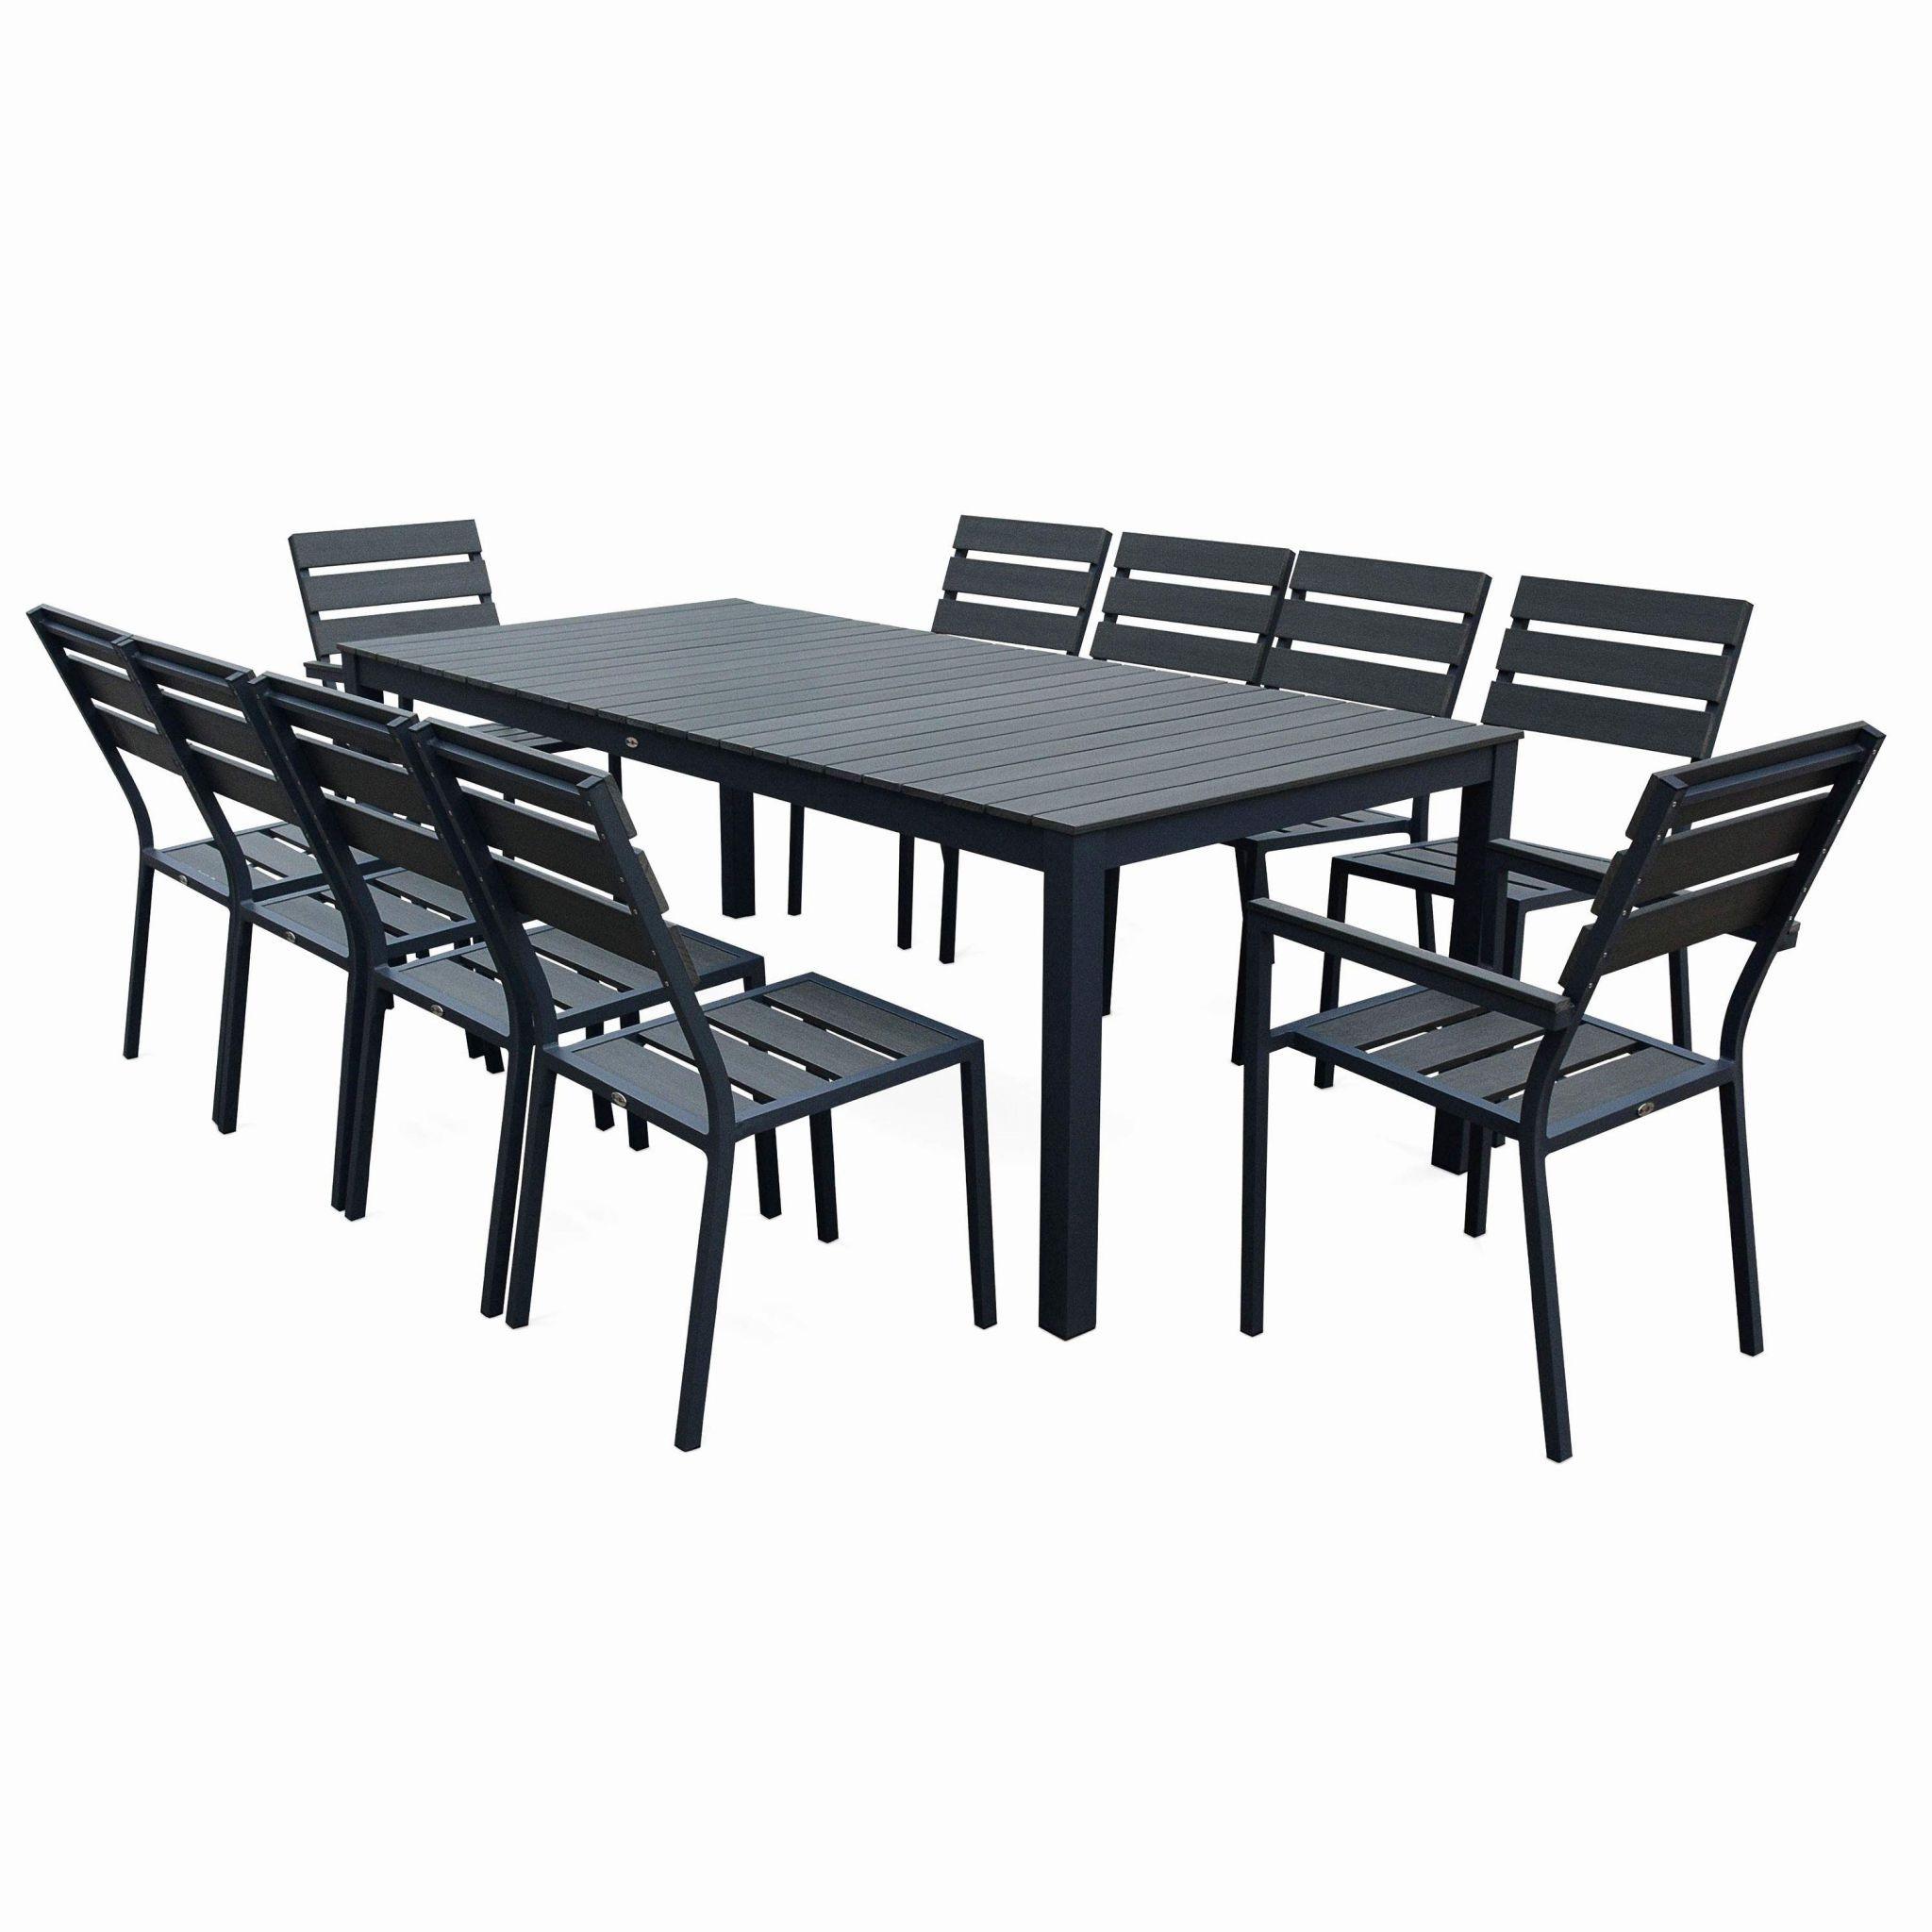 castorama table genial meilleur de salon jardin castorama de castorama table